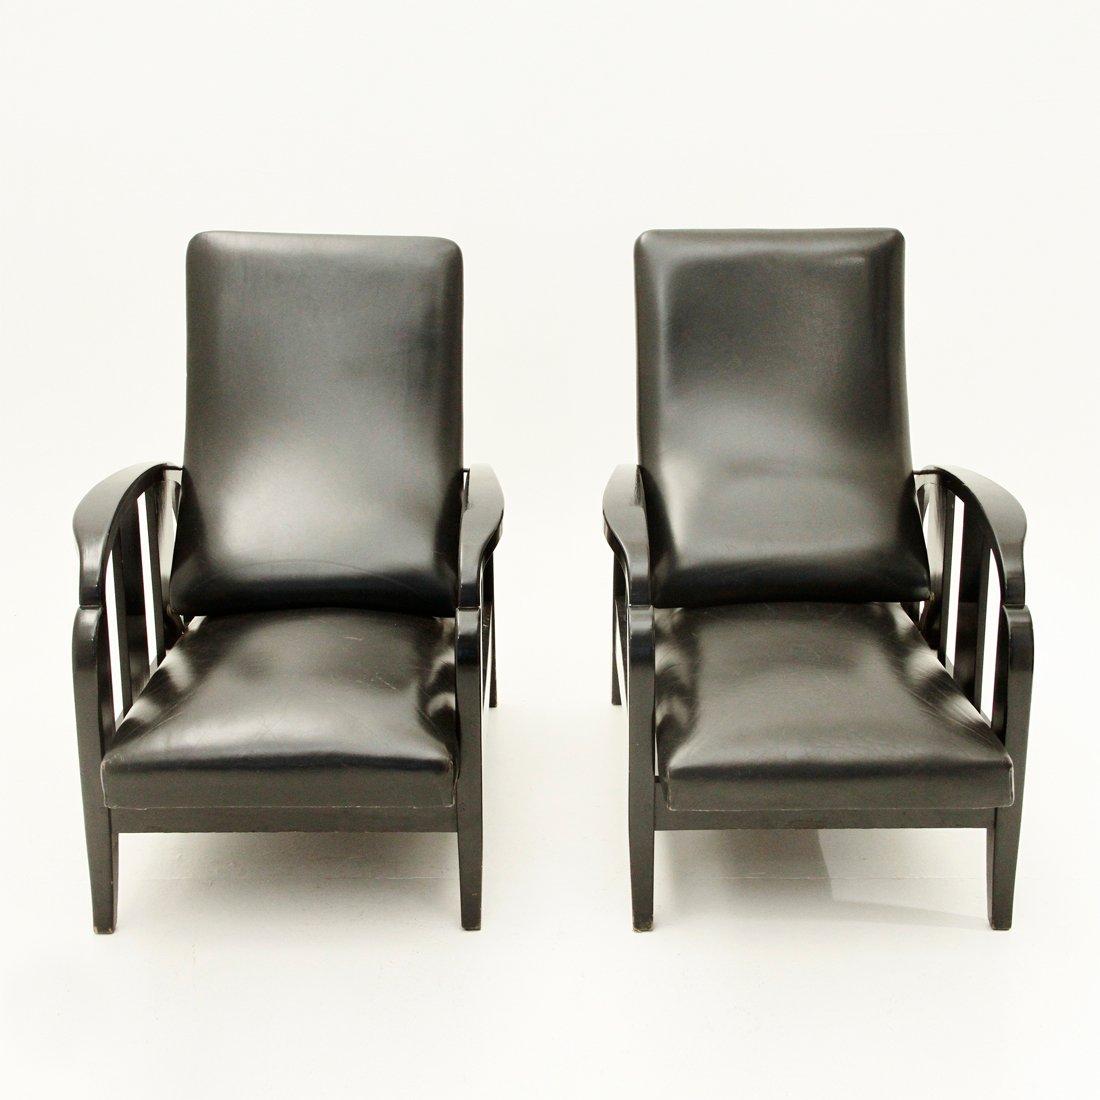 schwarze art deco leder sessel 1930er 2er set bei pamono. Black Bedroom Furniture Sets. Home Design Ideas